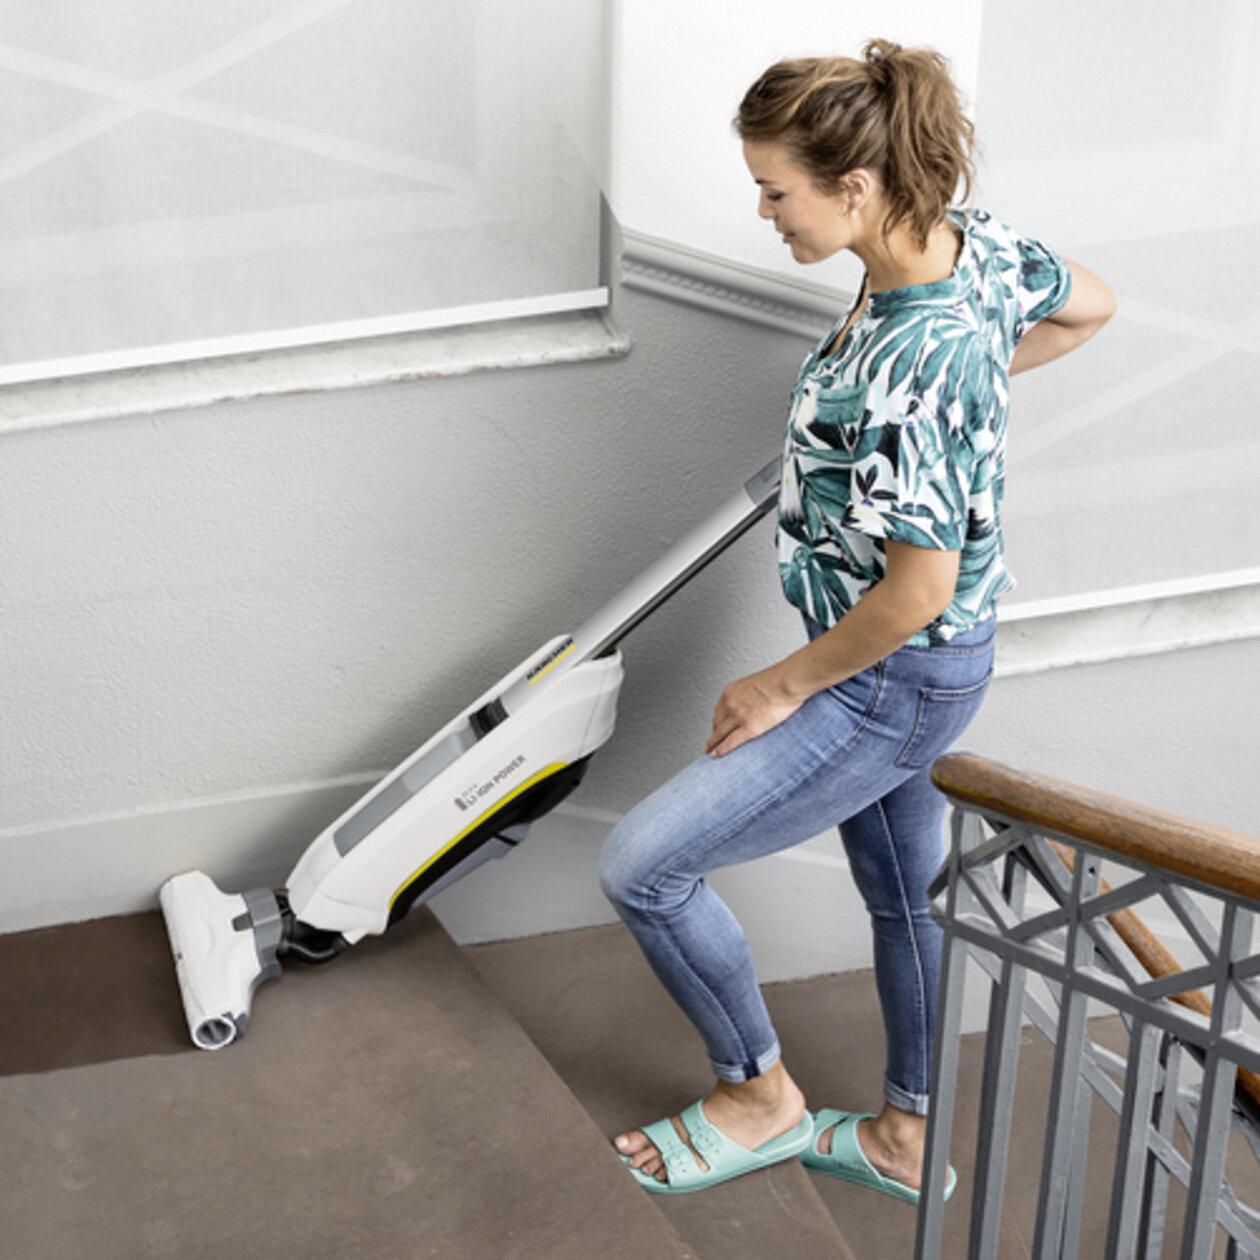 Поломойная машина для дома FC 5 Cordless Premium: Приблизительно 20 минут автономной работы от мощного литий-ионного аккумулятора